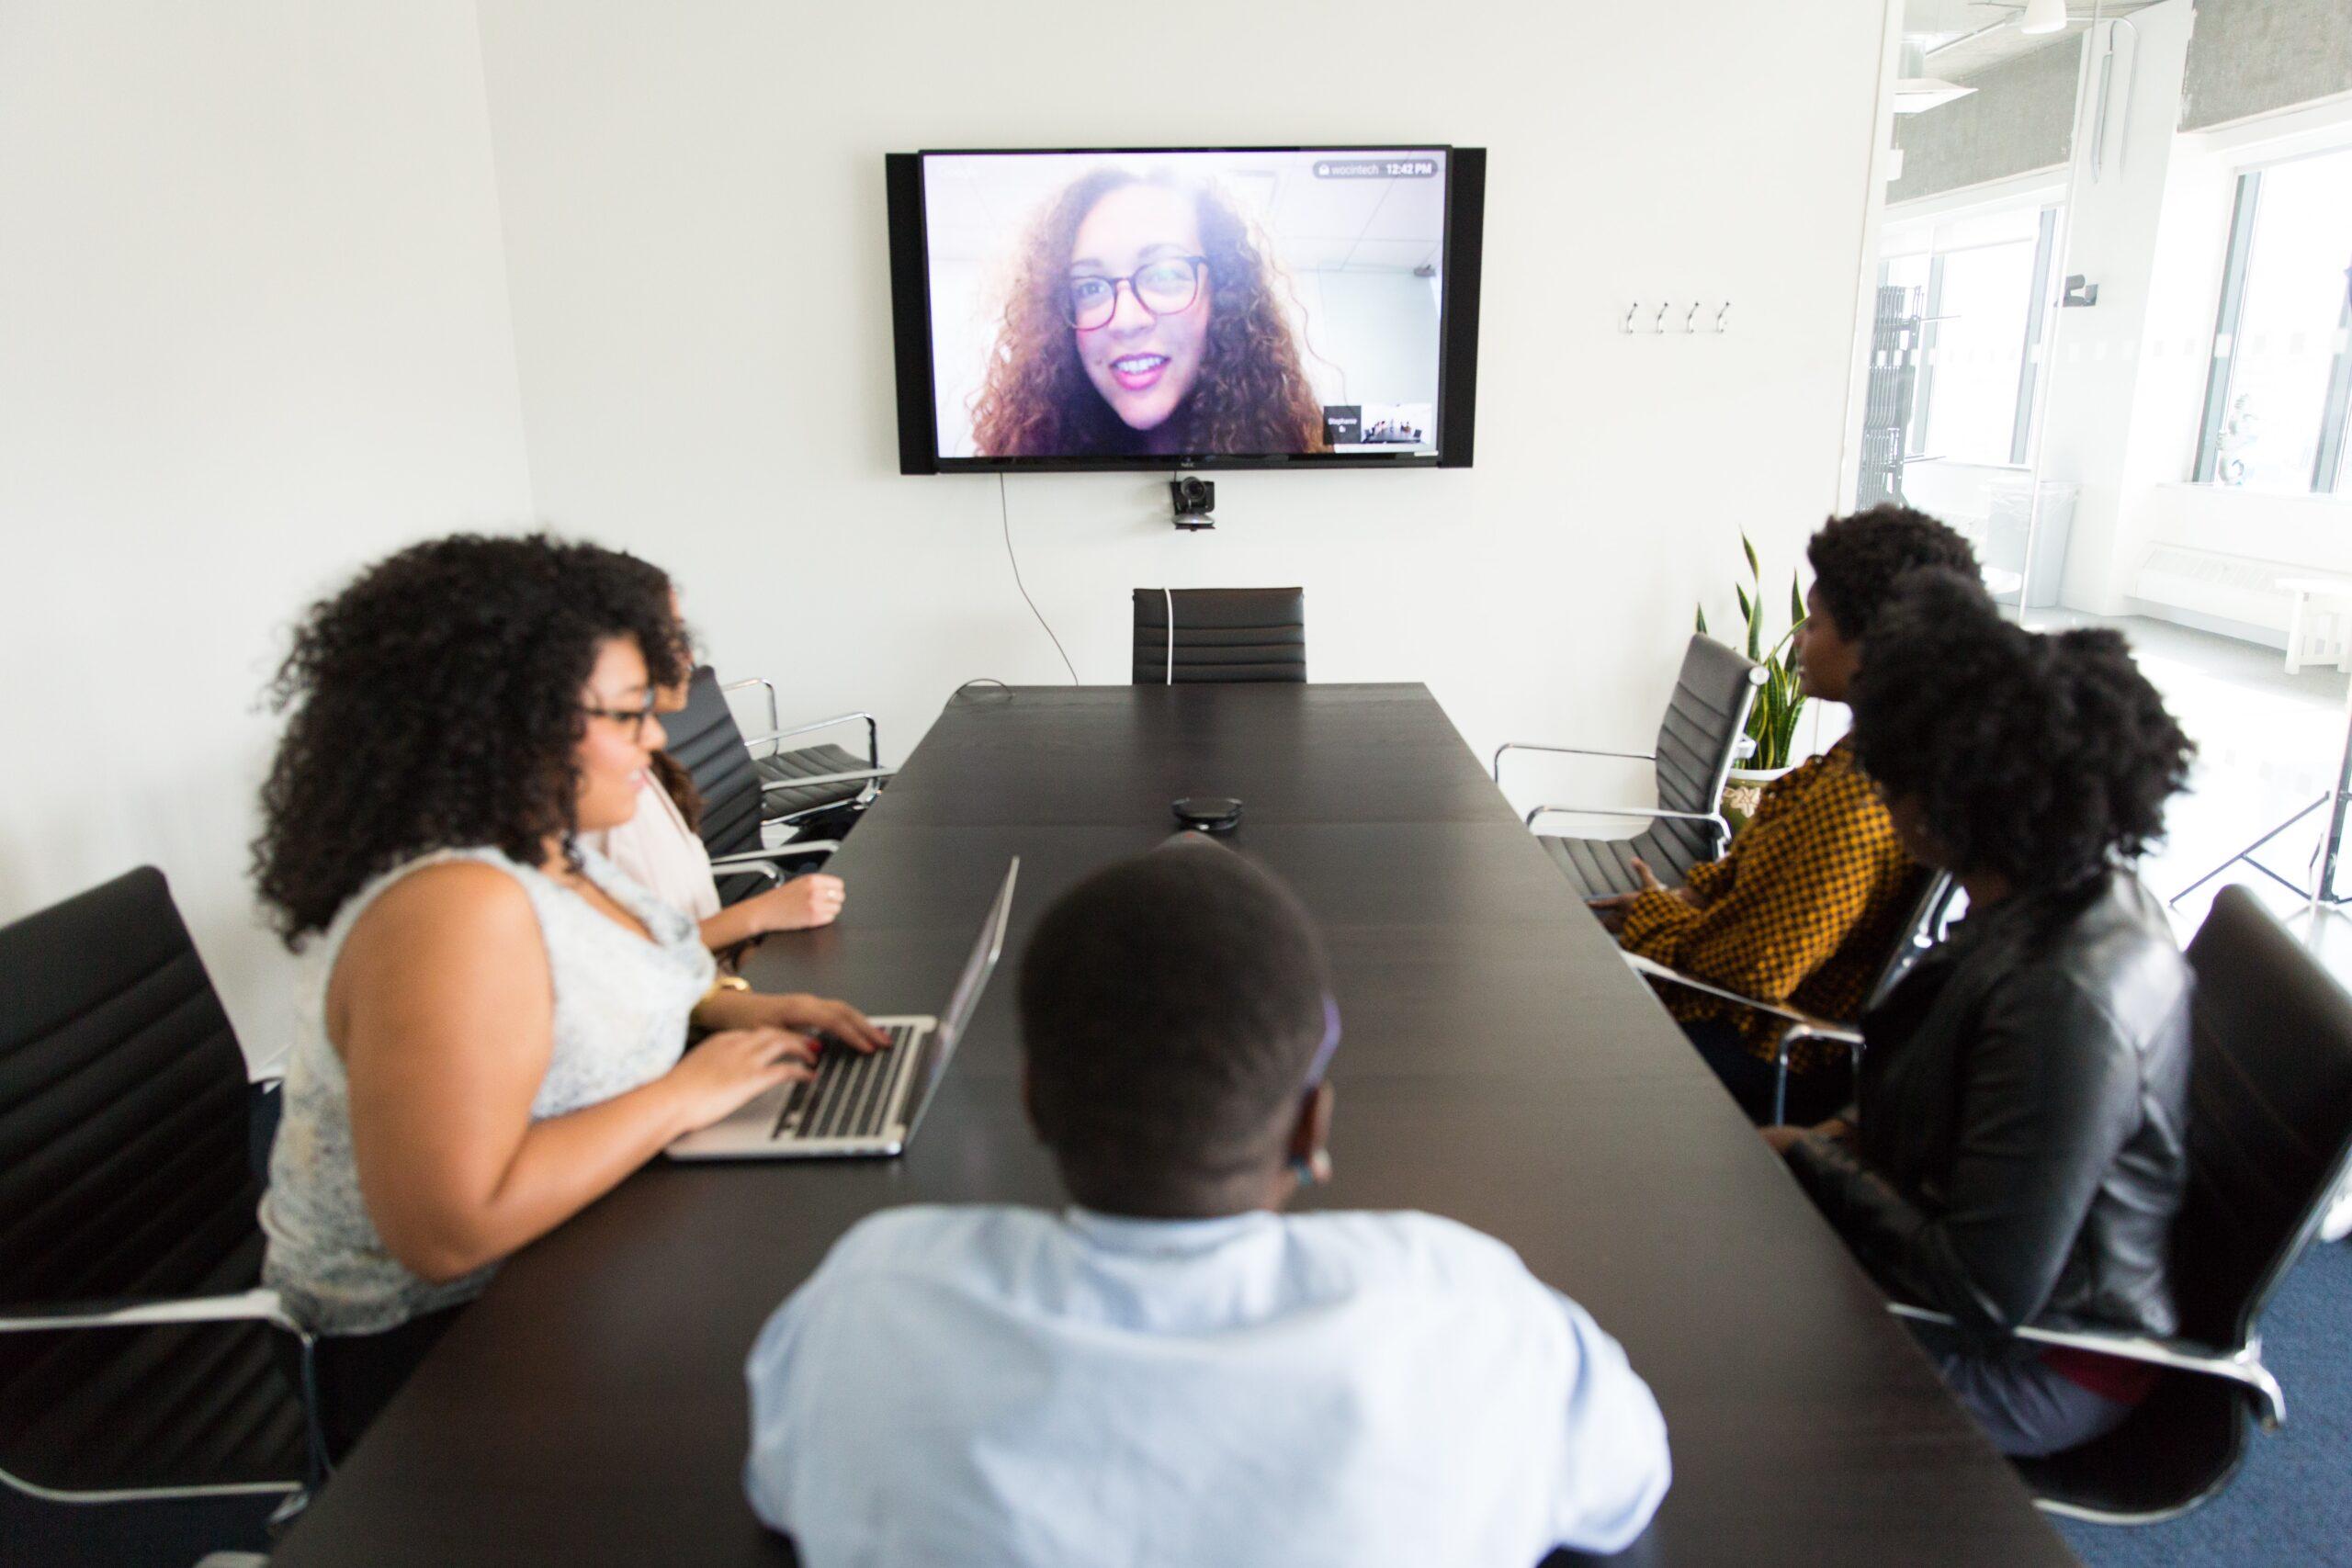 転職におけるWEB面接で使用されるzoomの対策済み女性